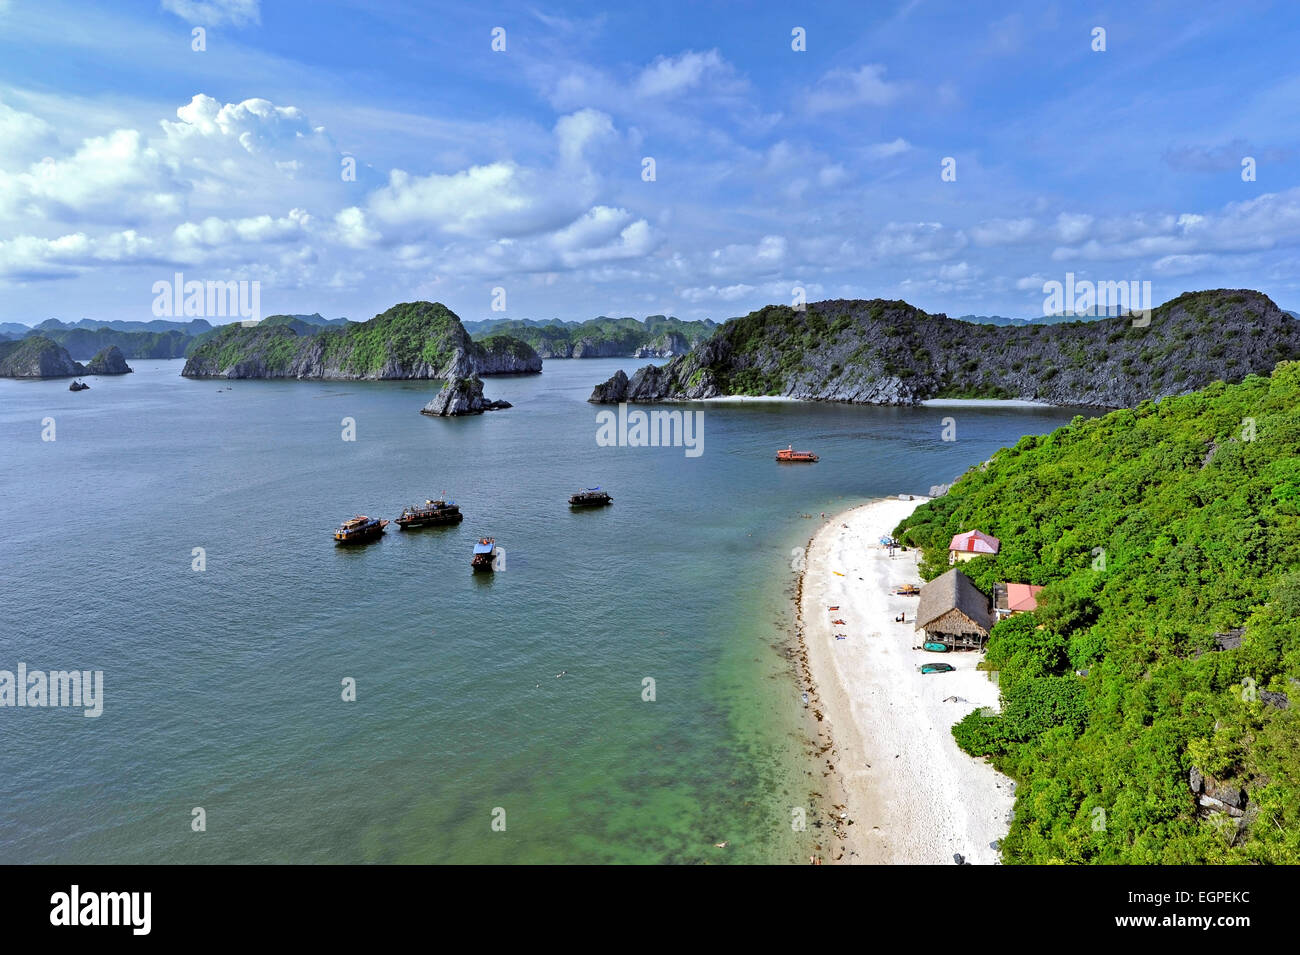 Vietnam - Baie d'Halong Parc National (UNESCO). L'endroit le plus populaire au Vietnam. Monkey Island. Photo Stock